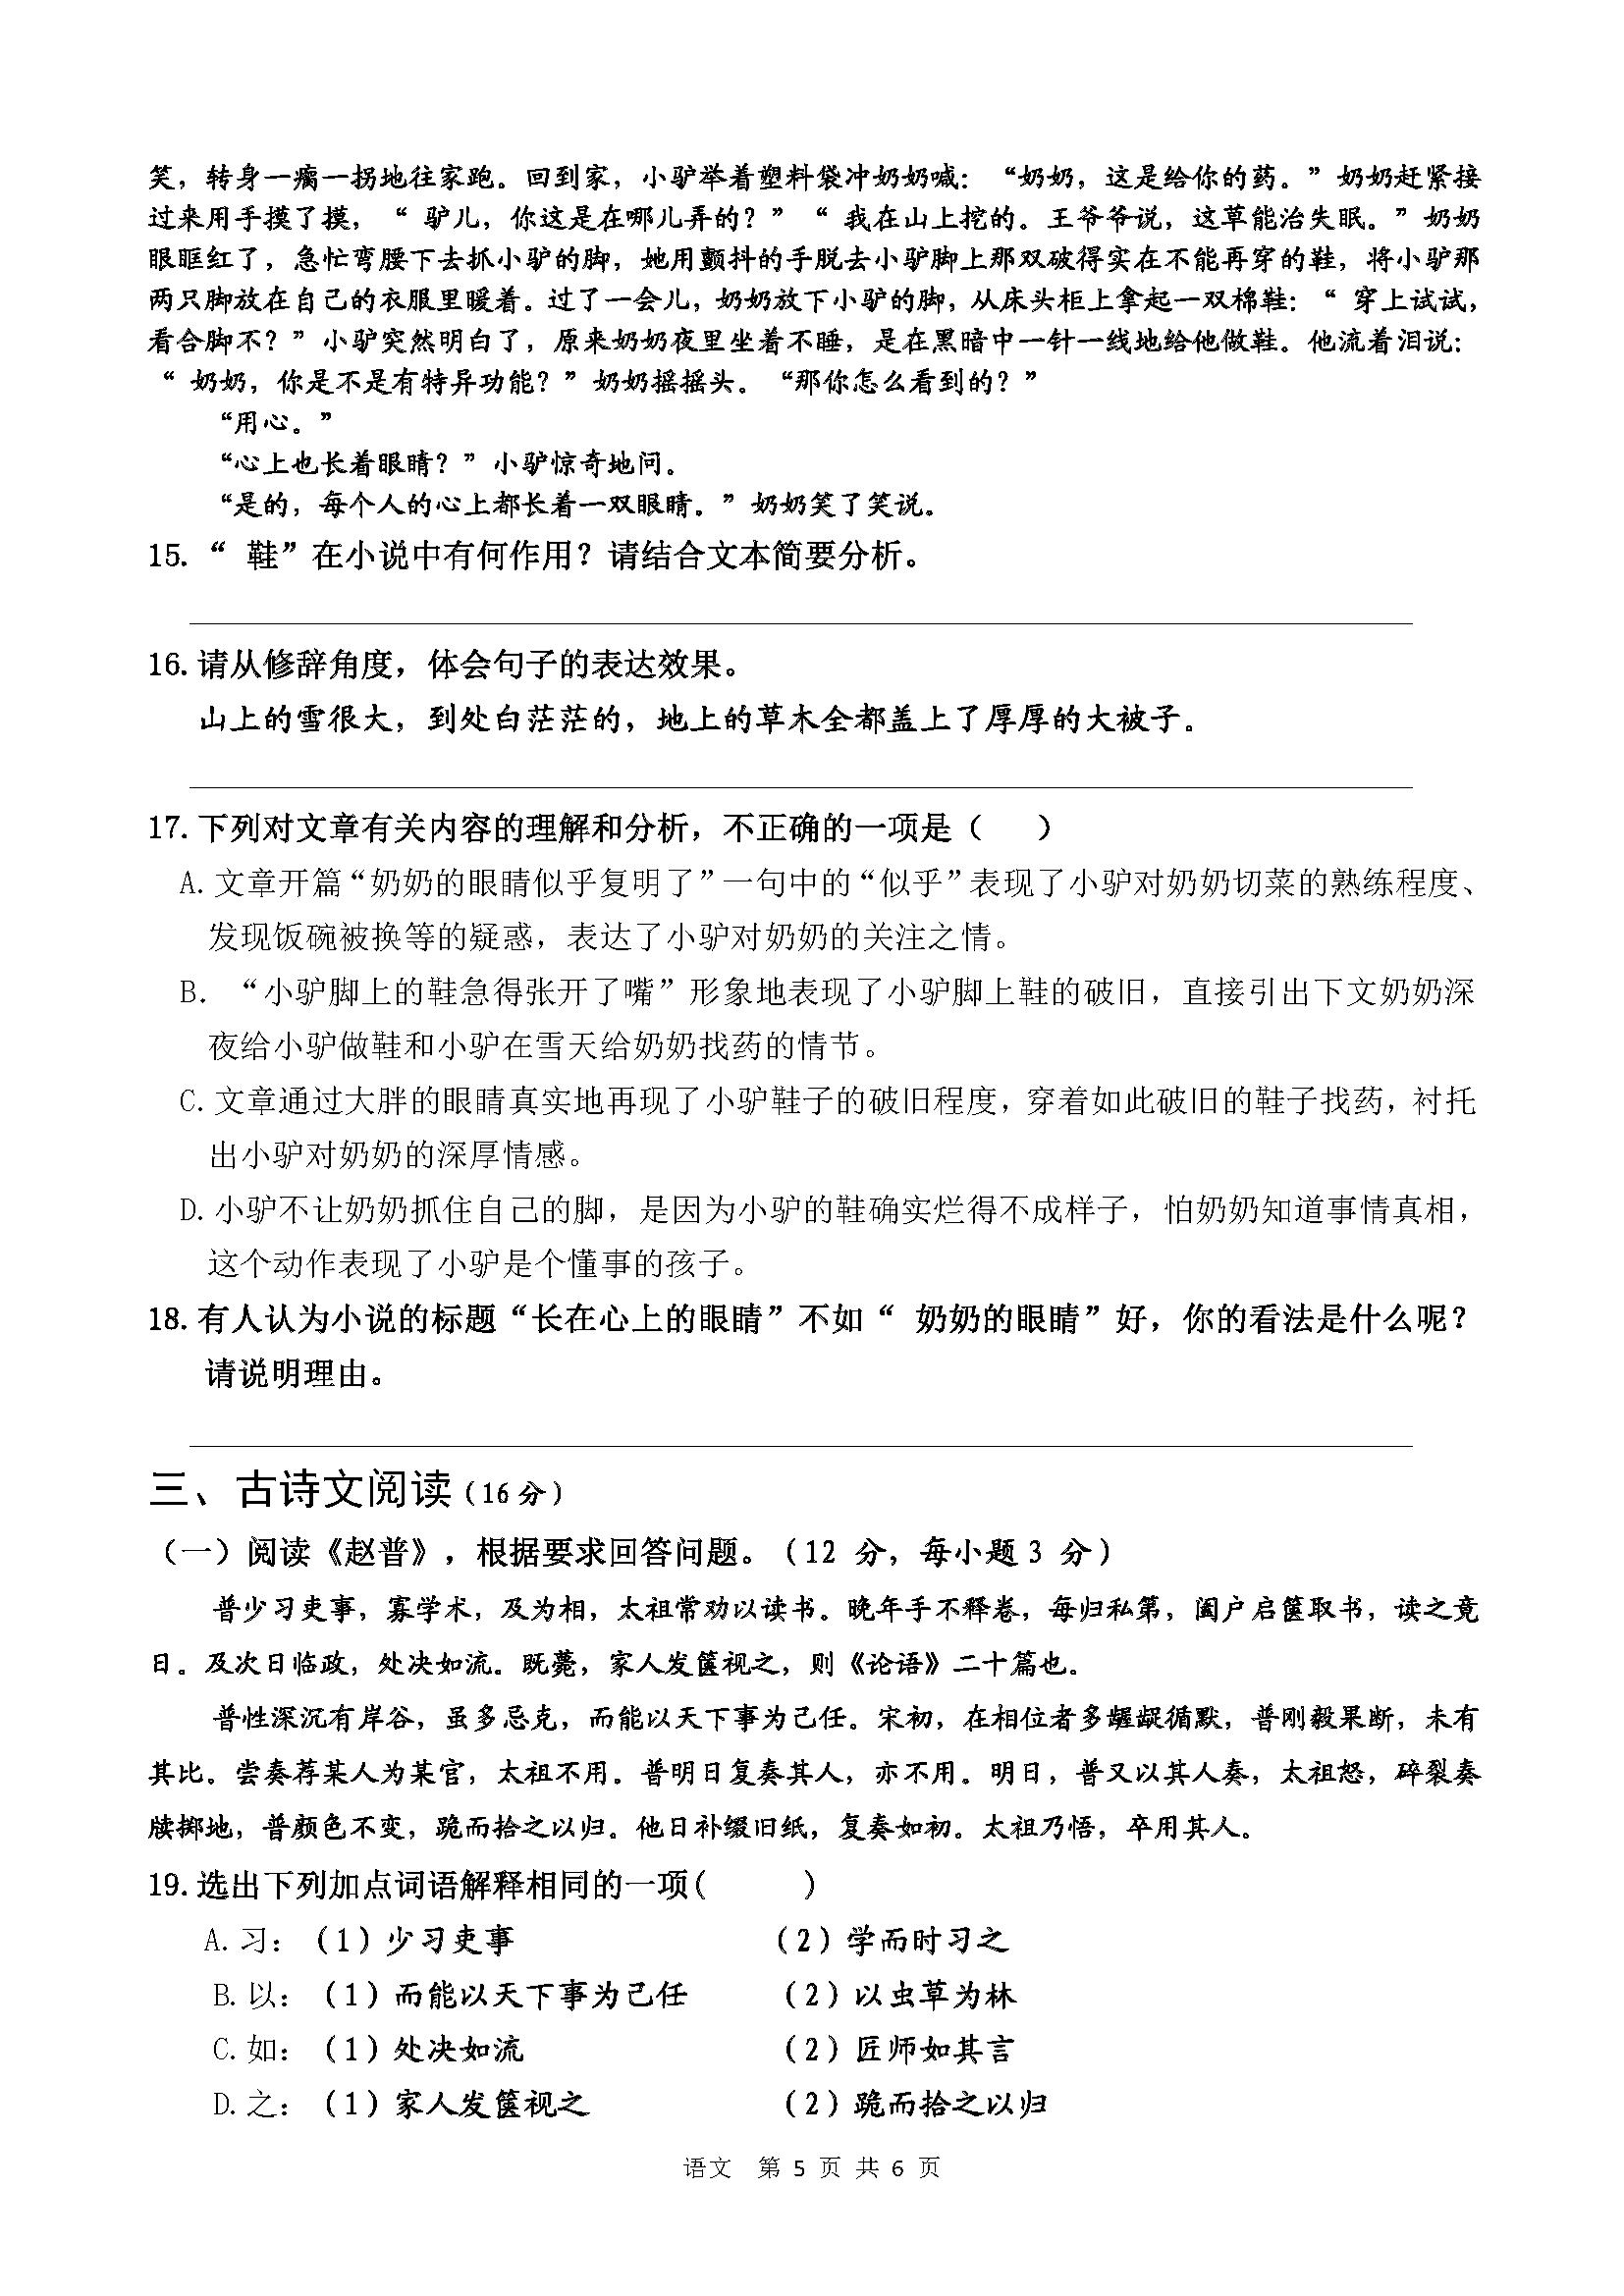 2017湖北十堰七年级下第一次月考语文试题答案(图片版)